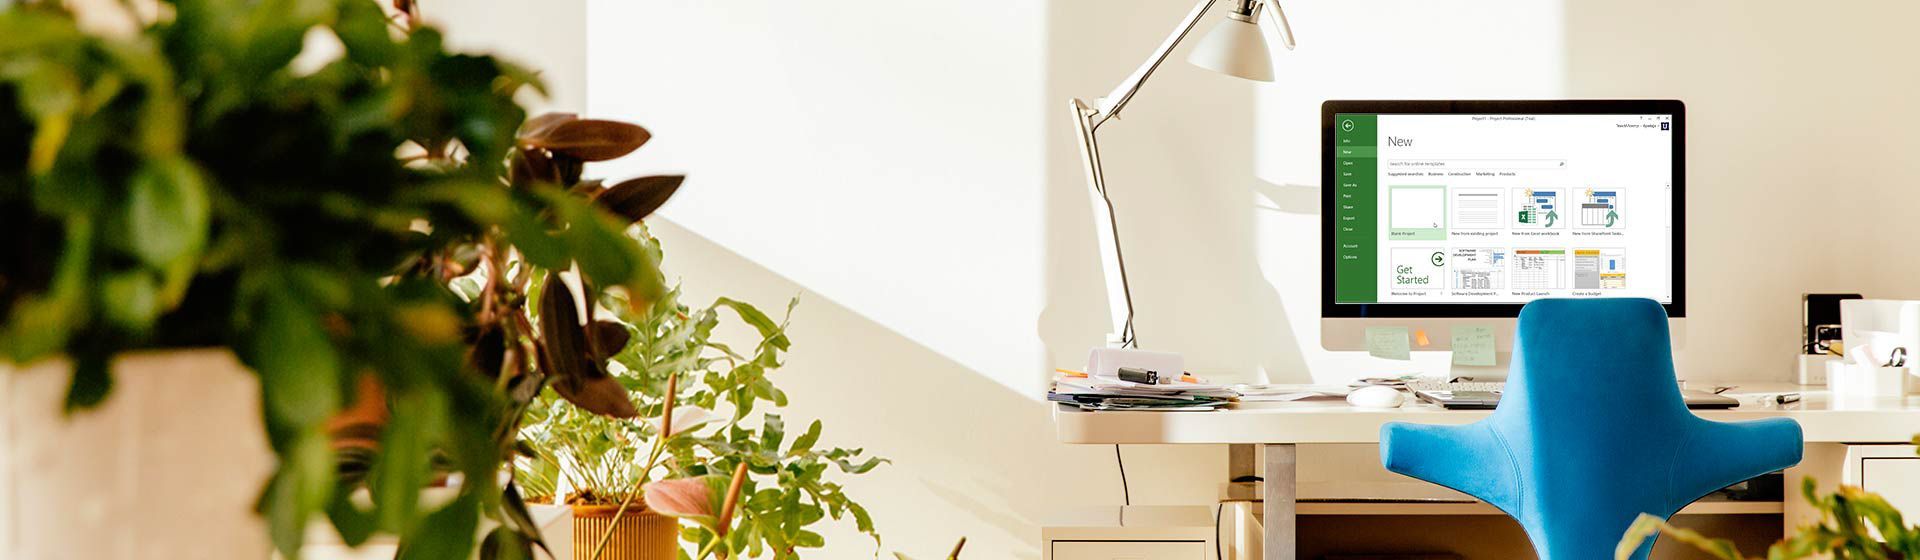 """Töölaud arvutikuvariga, mille ekraanil kuvatakse Microsoft Projecti aken """"Uus projekt"""""""